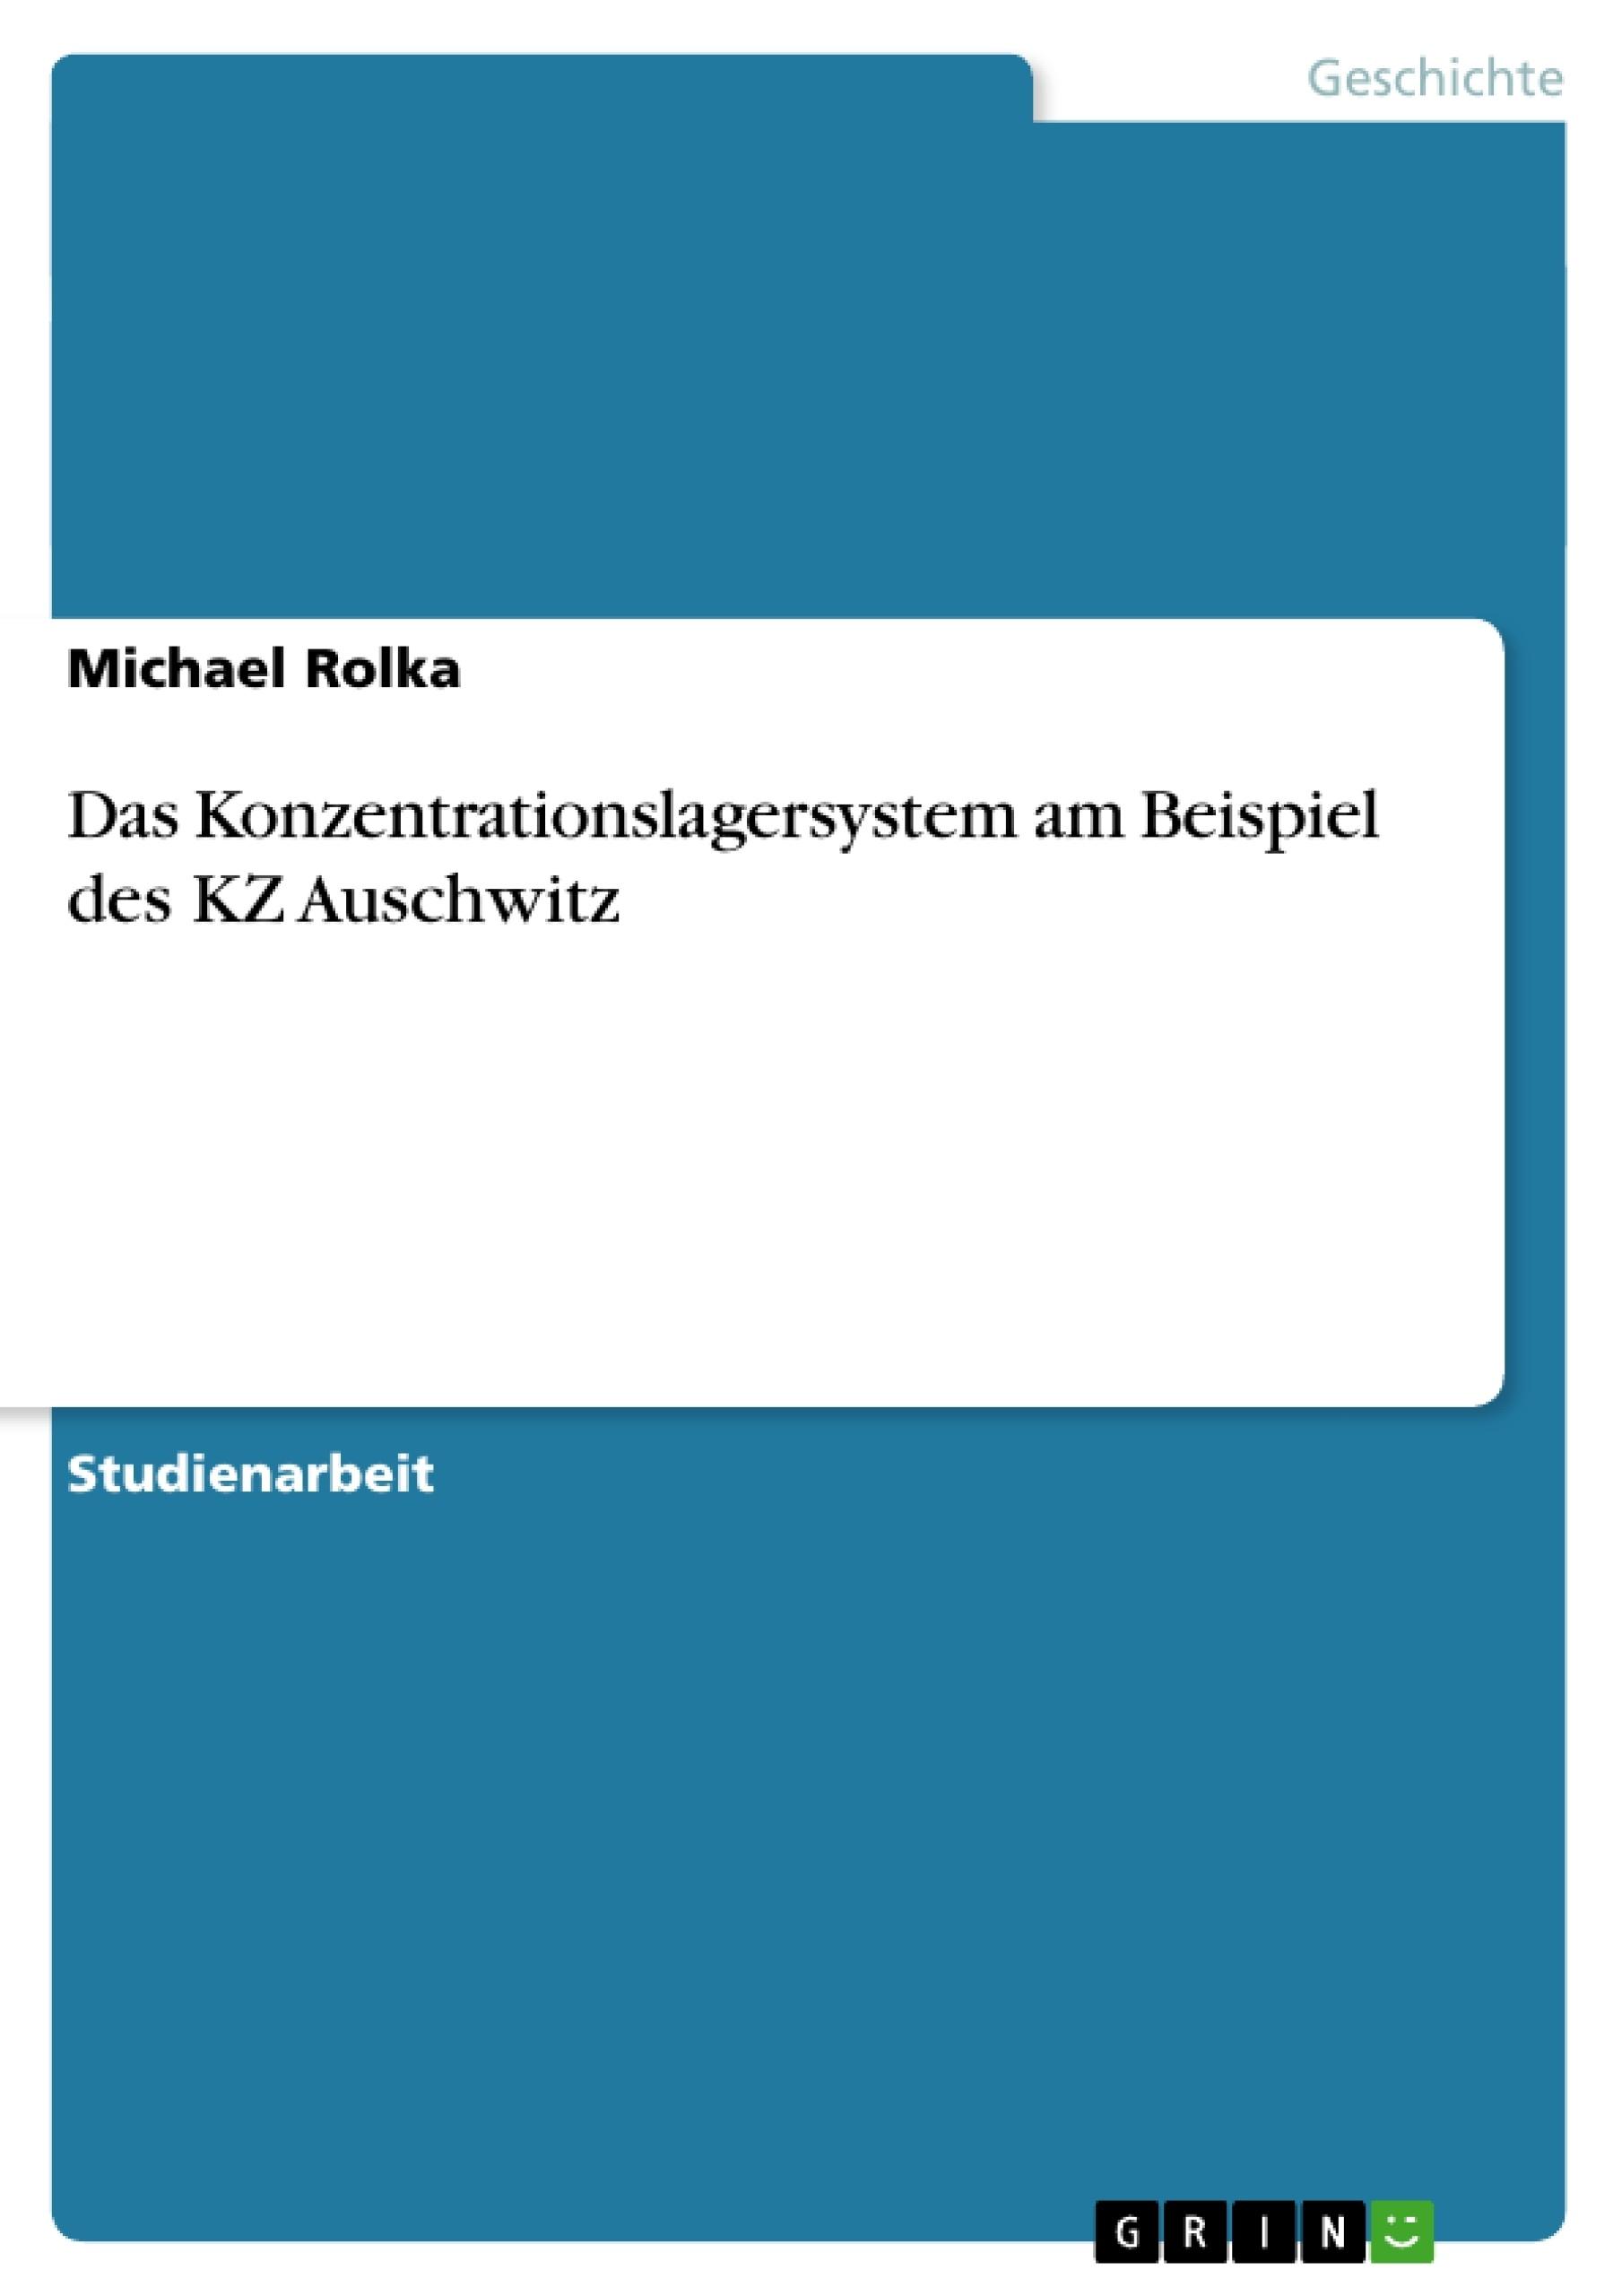 Titel: Das Konzentrationslagersystem am Beispiel des KZ Auschwitz